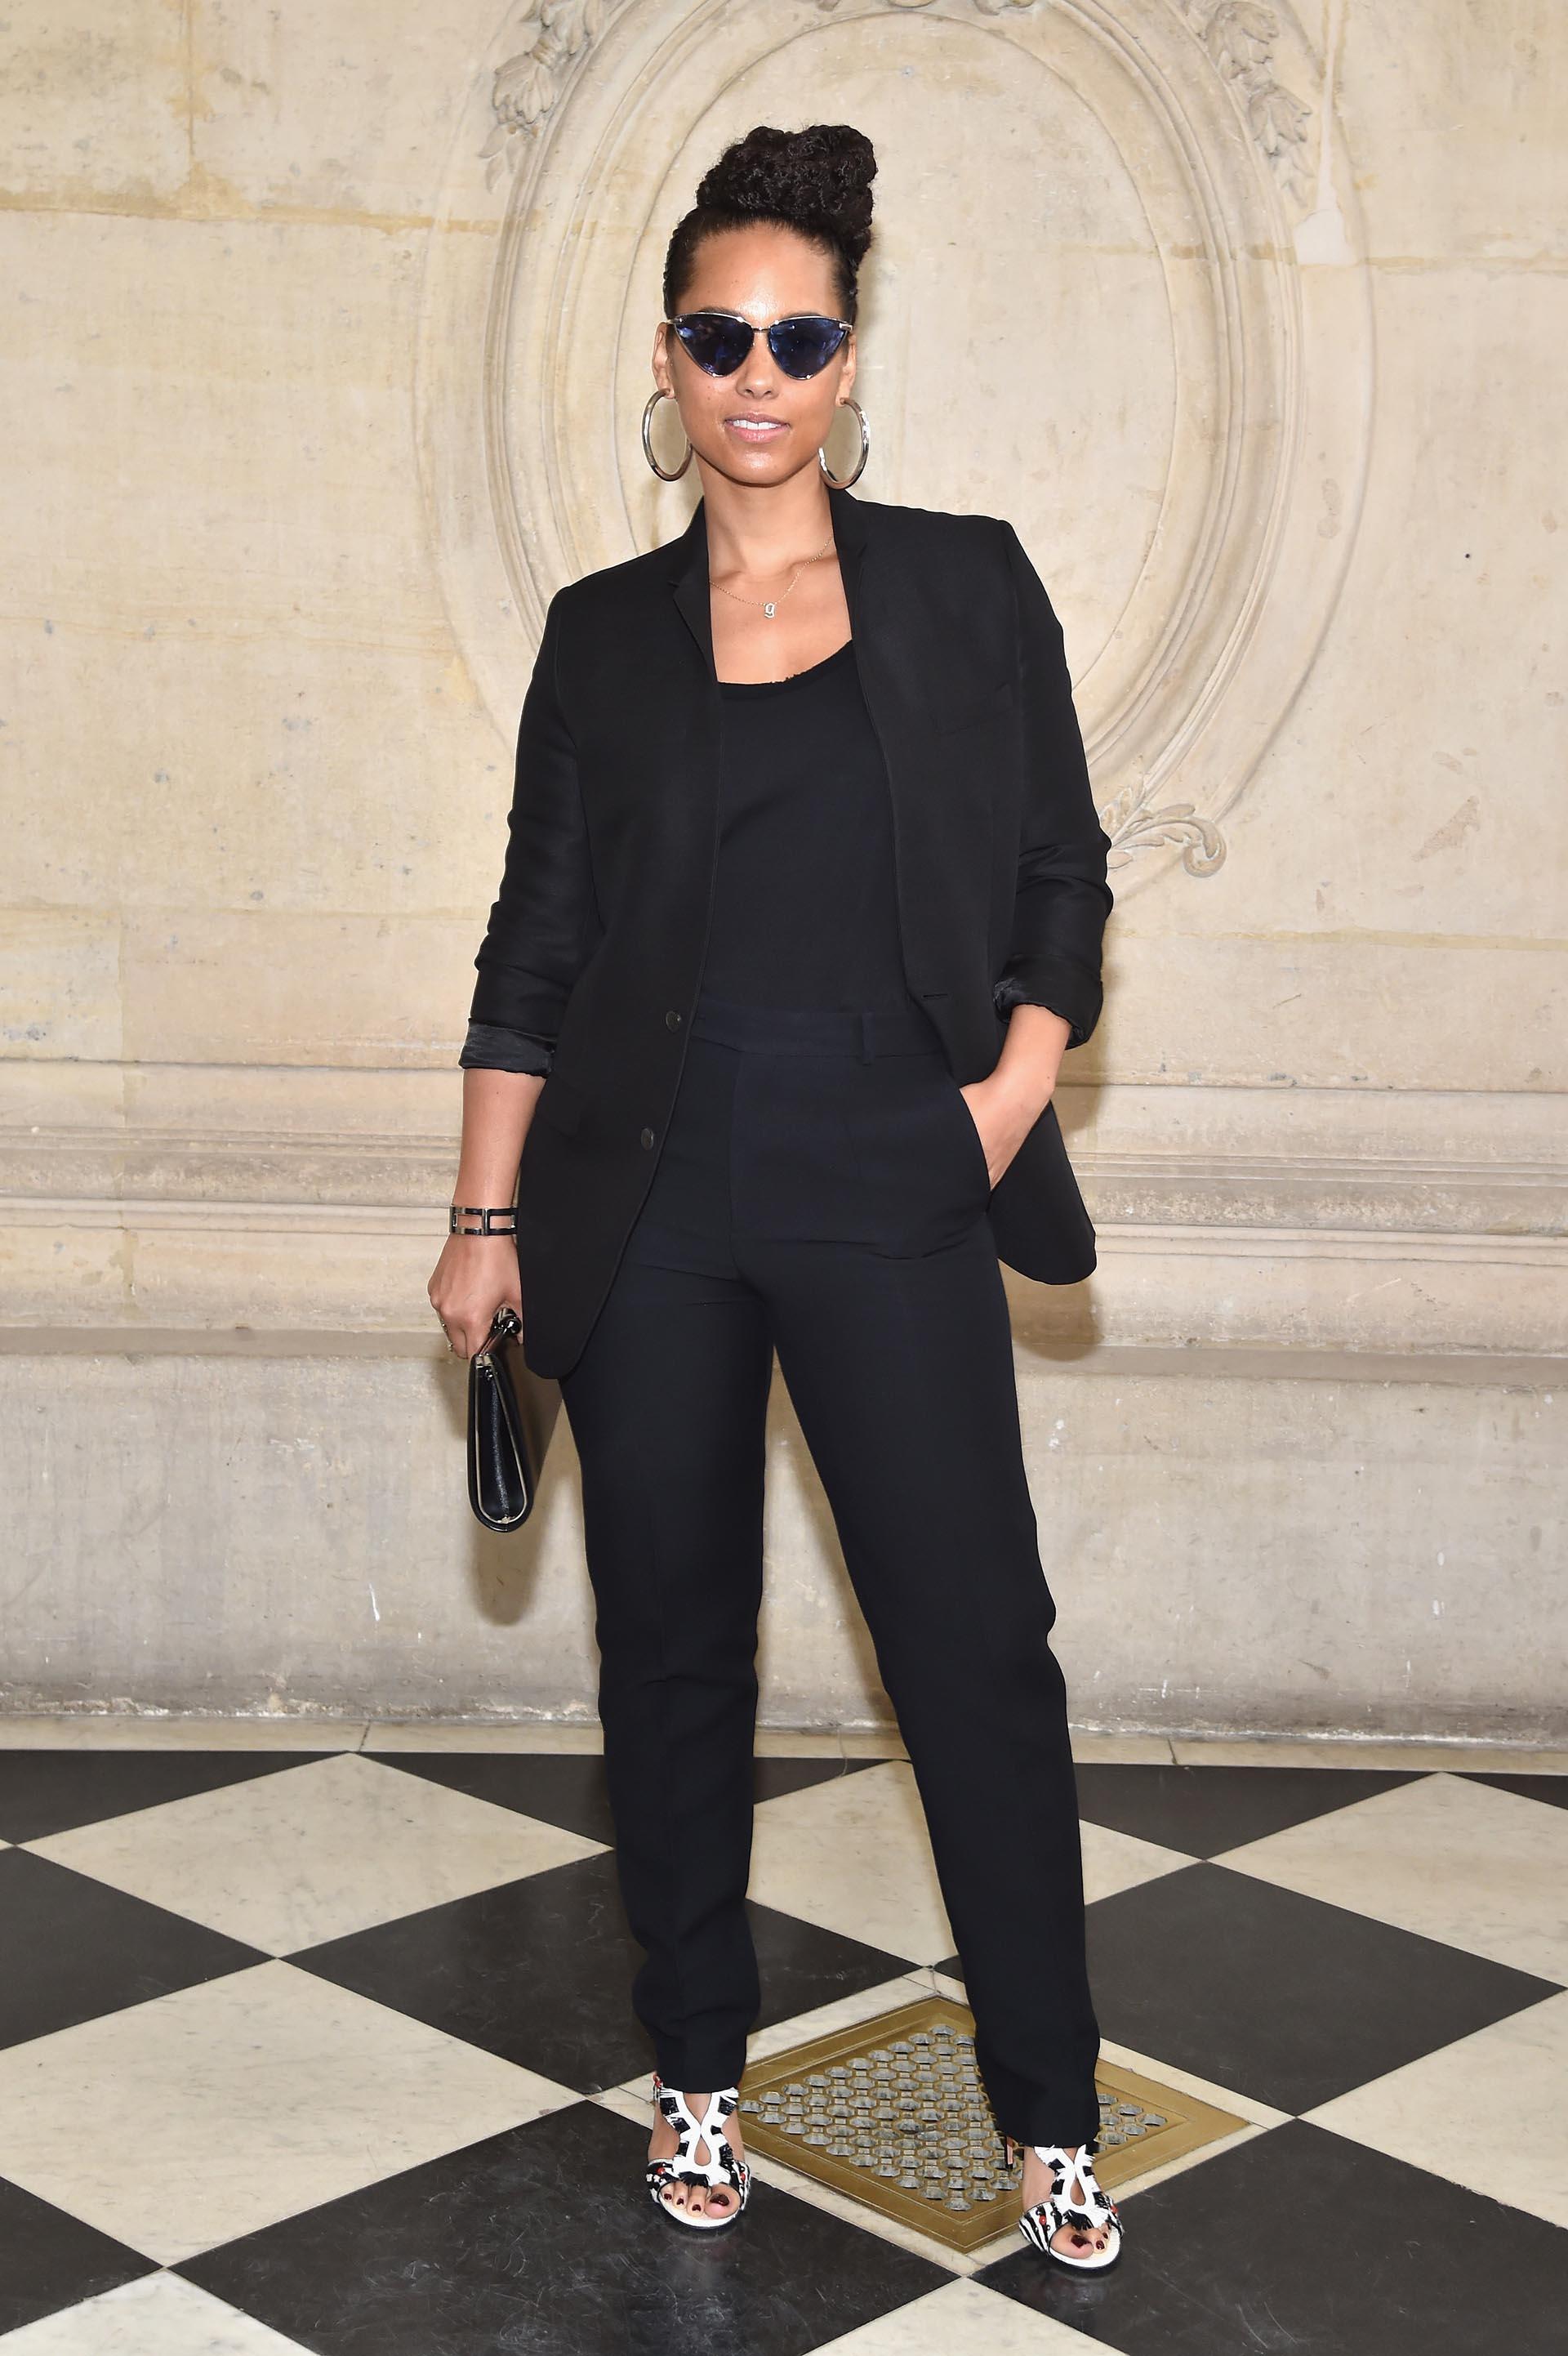 Alicia Keys vistió un clásico traje de blazer y pantalón de color negro